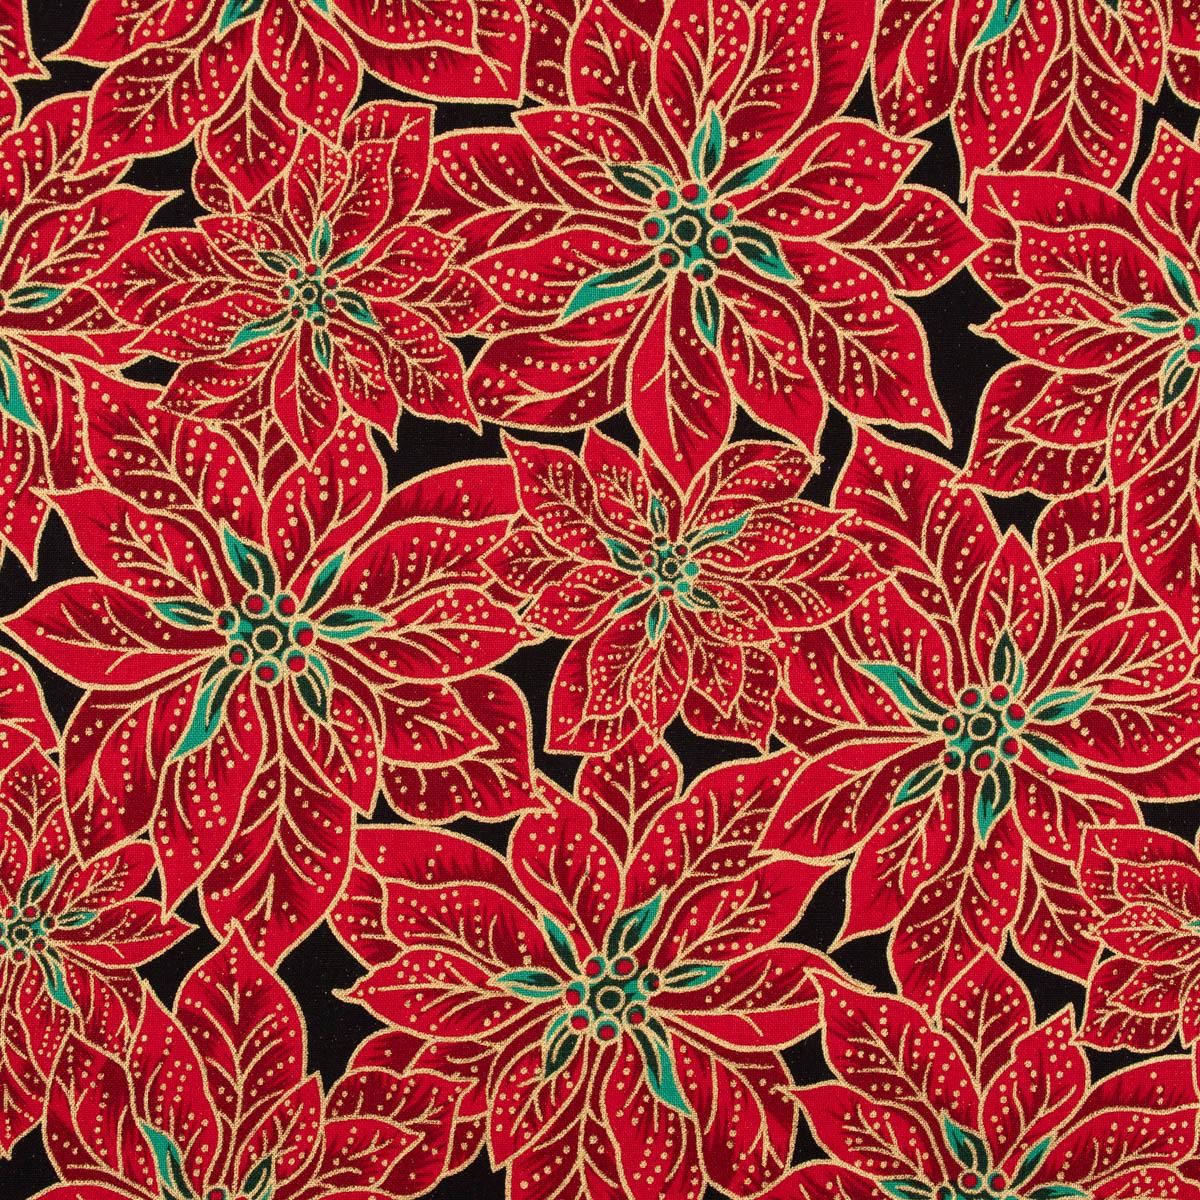 Baumwollstoff Weihnachten Blüten rot grün schwarz goldfarbig 1,35m Breite